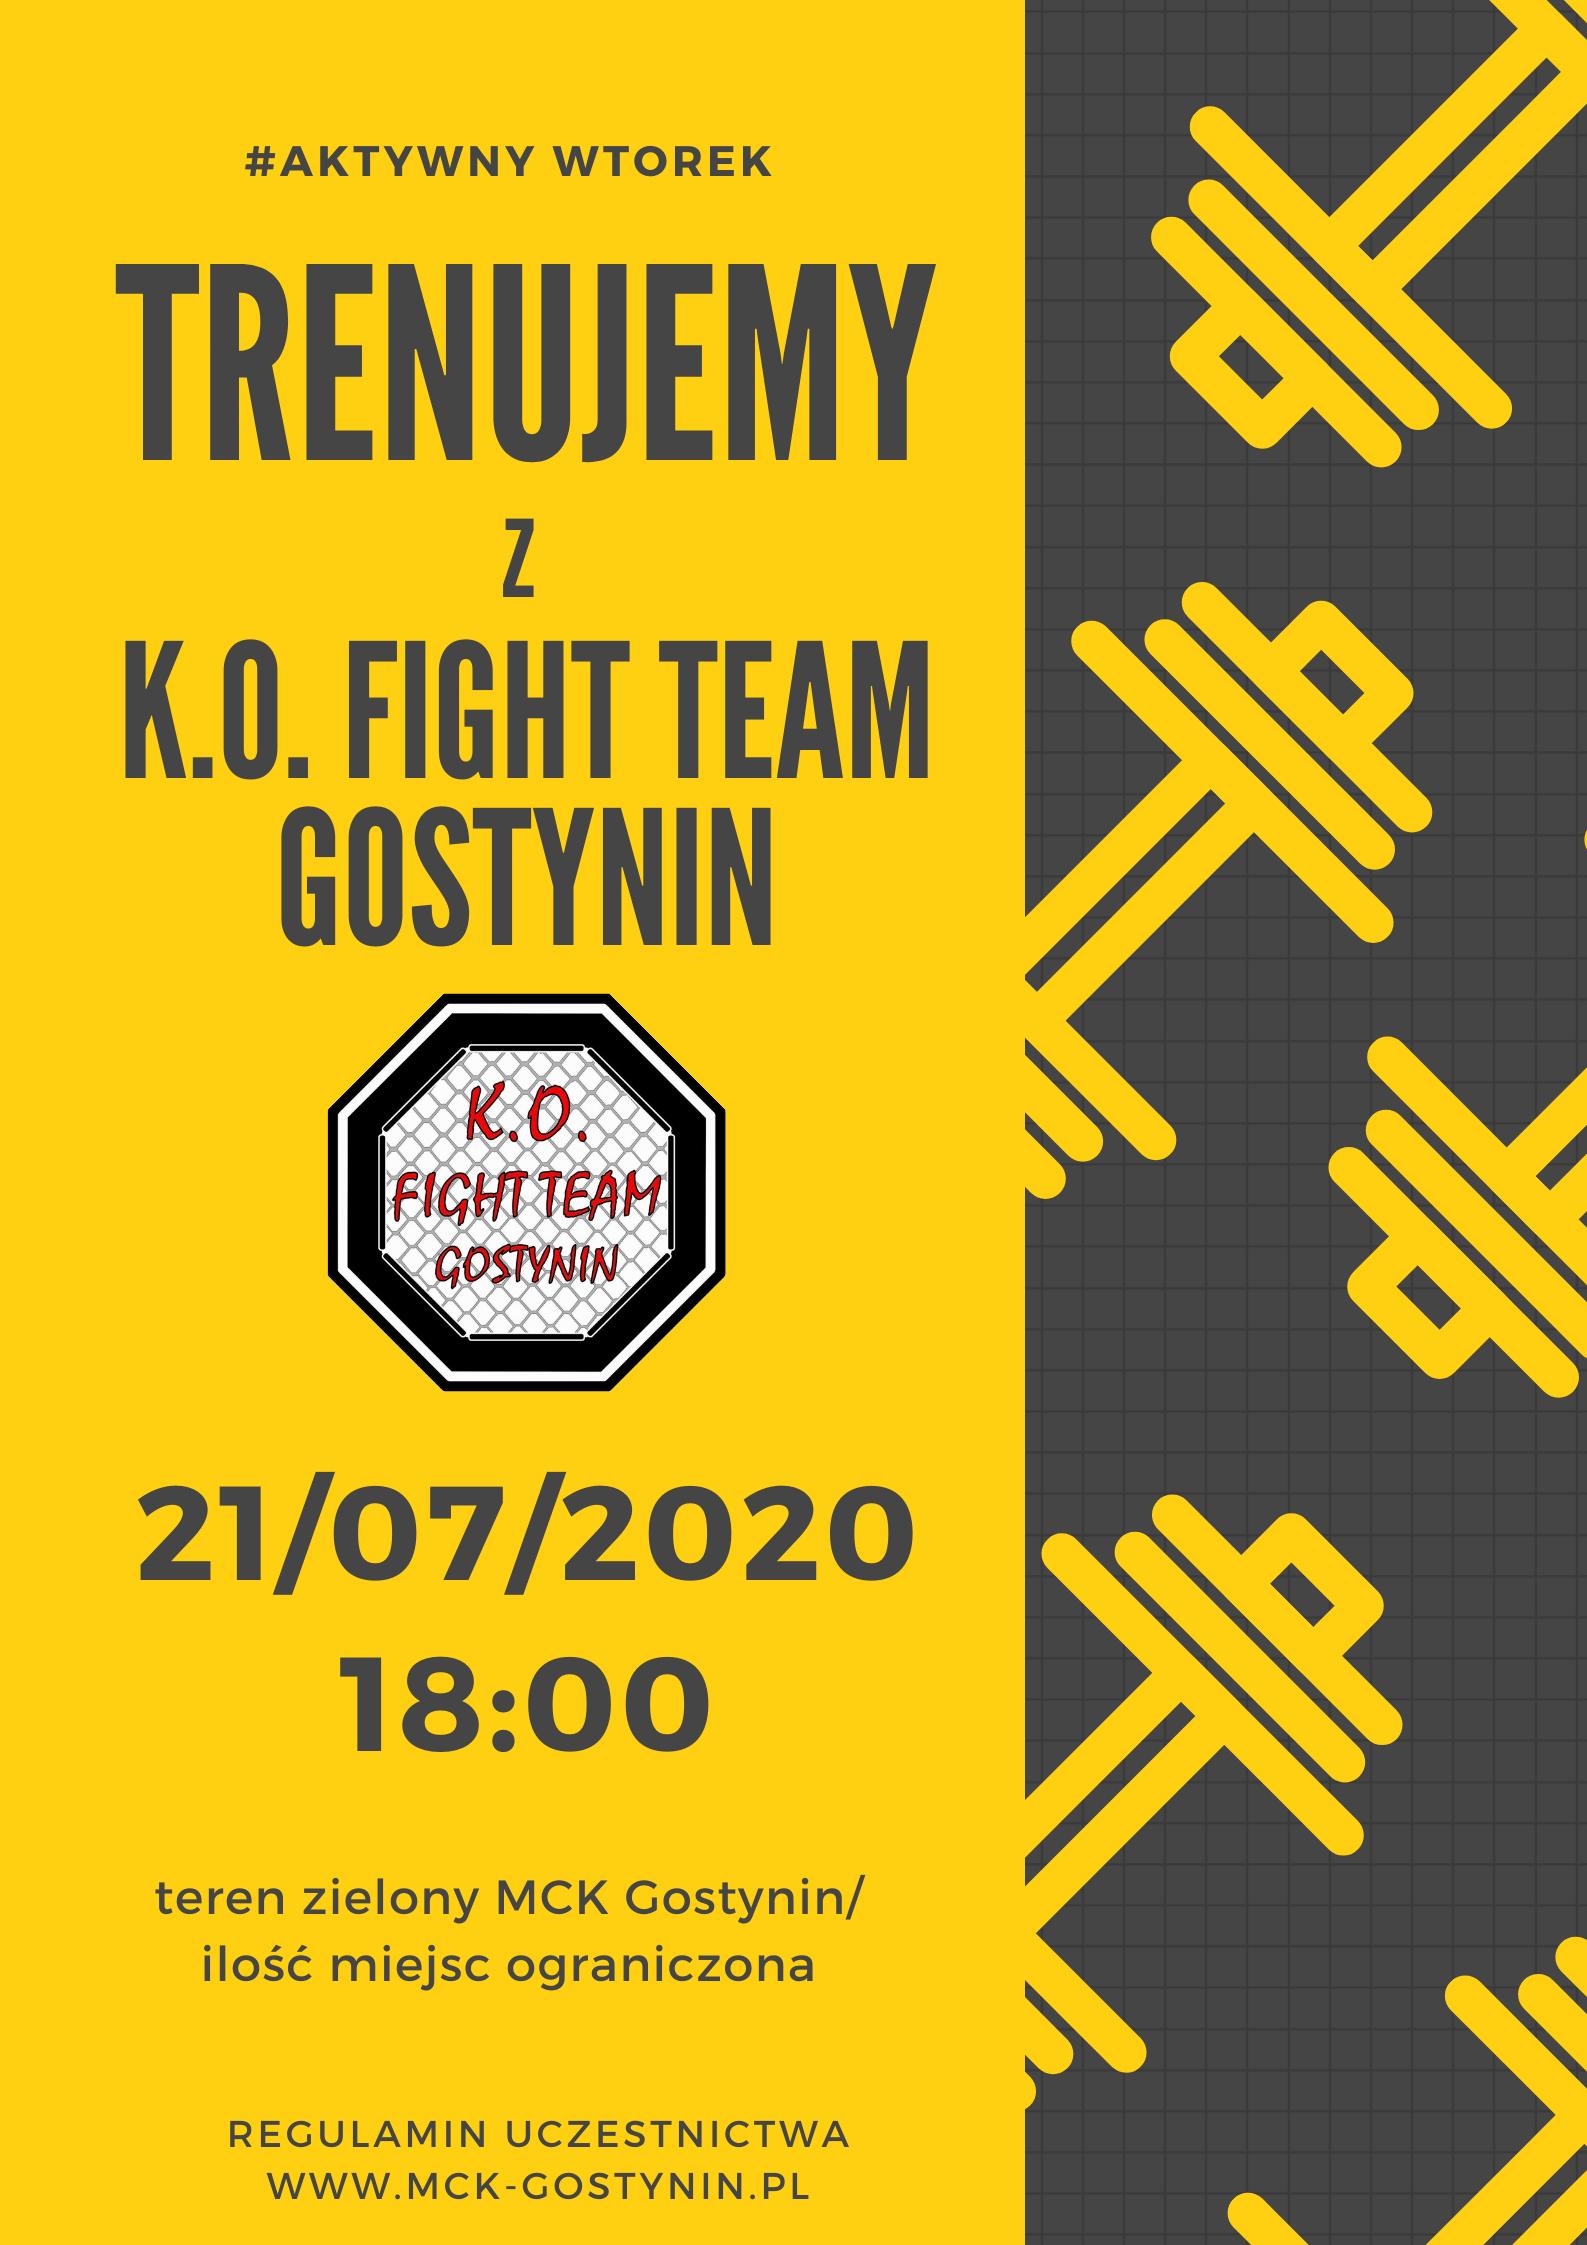 21/07 | Trenujemy z K.O. Fight Team Gostynin – AKTYWNY WTOREK